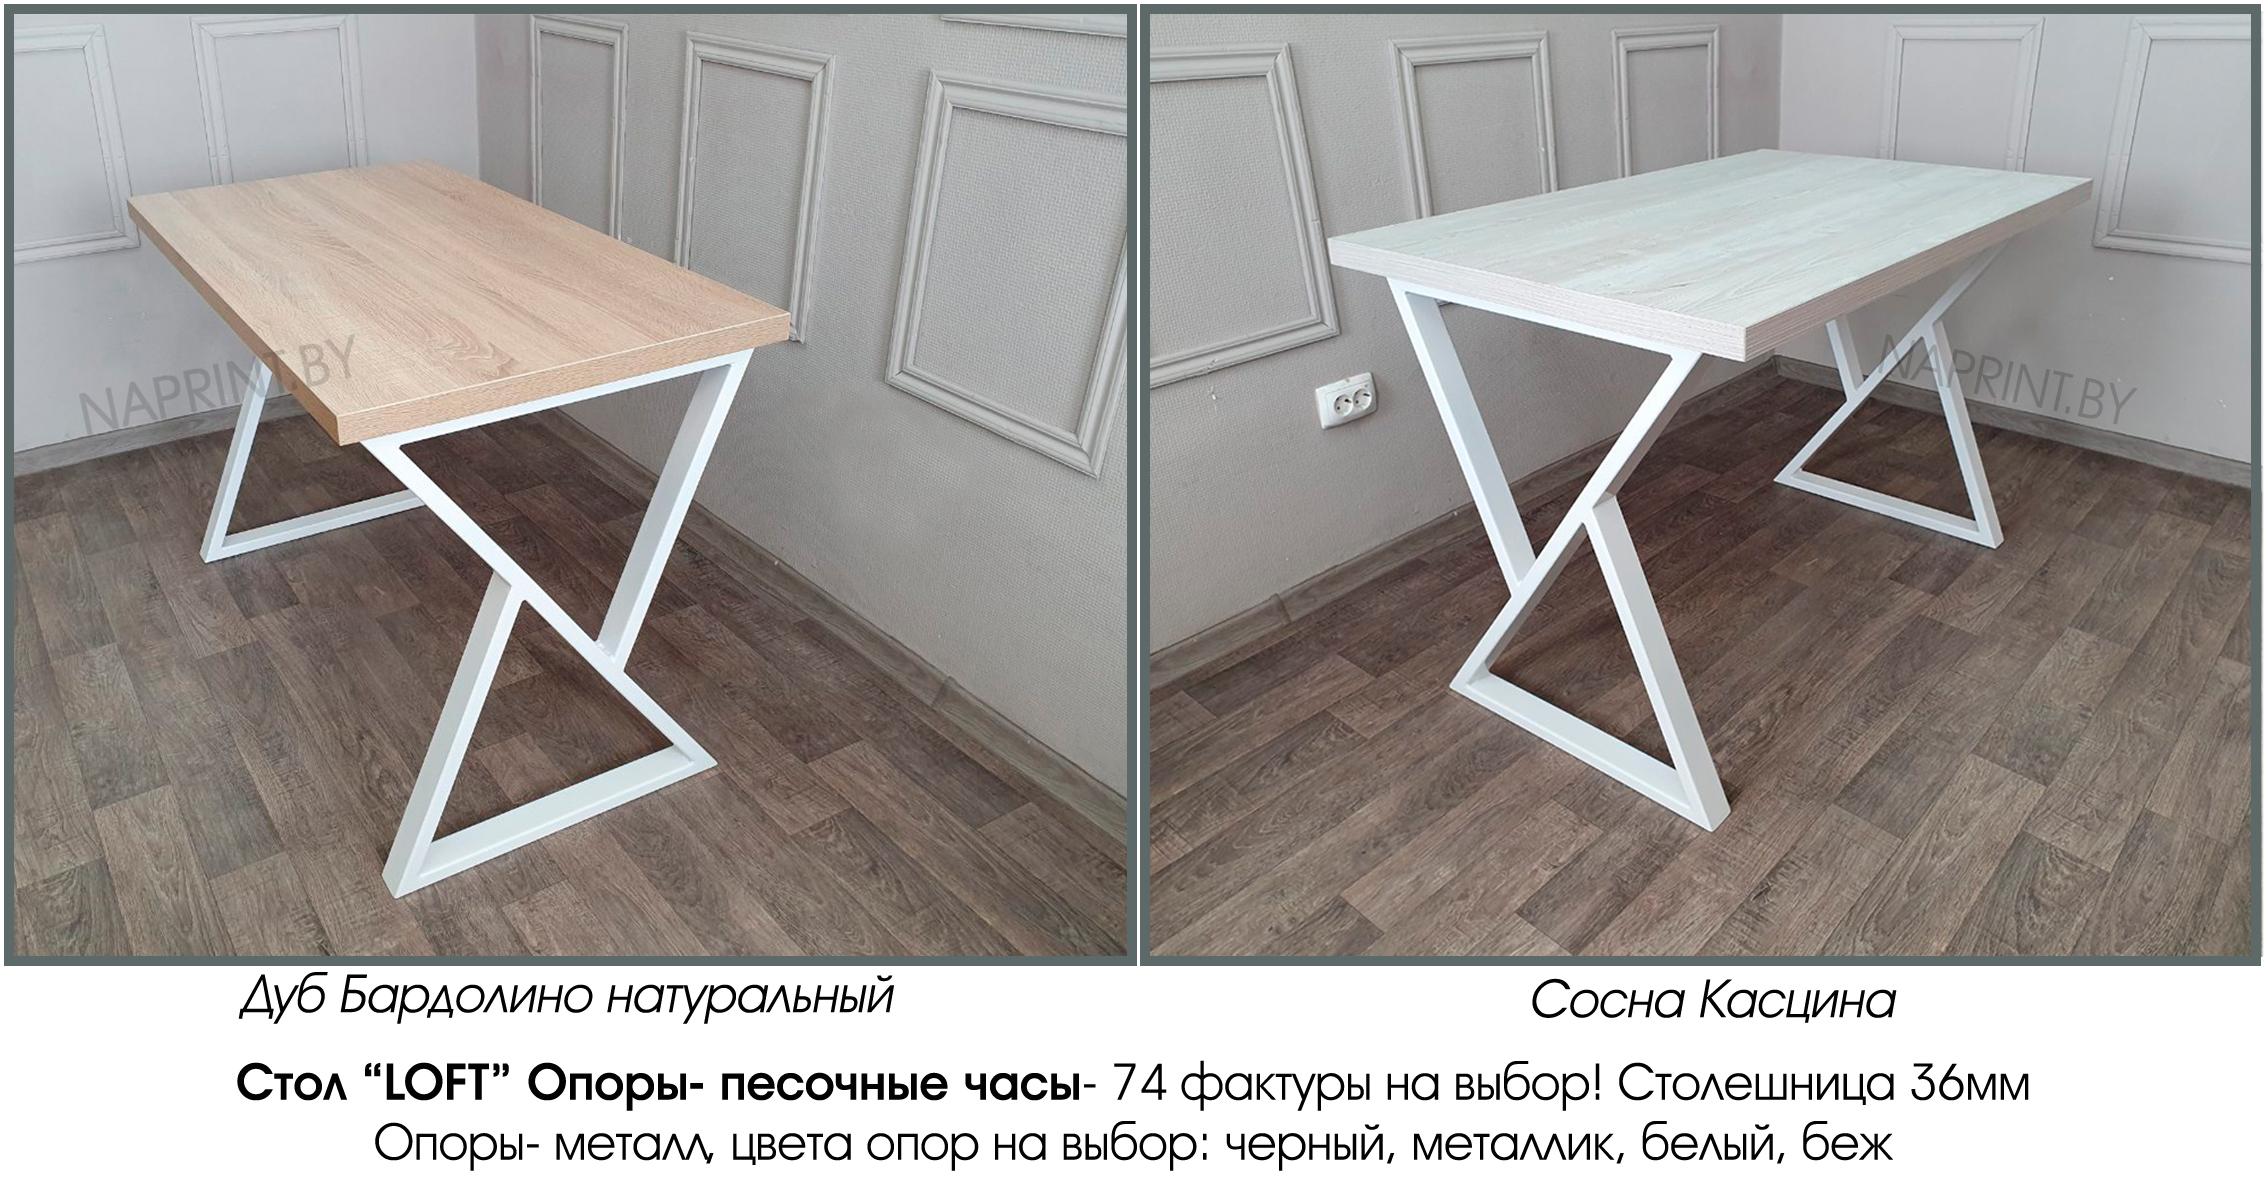 Кухонный стол Лофт купить в Минске